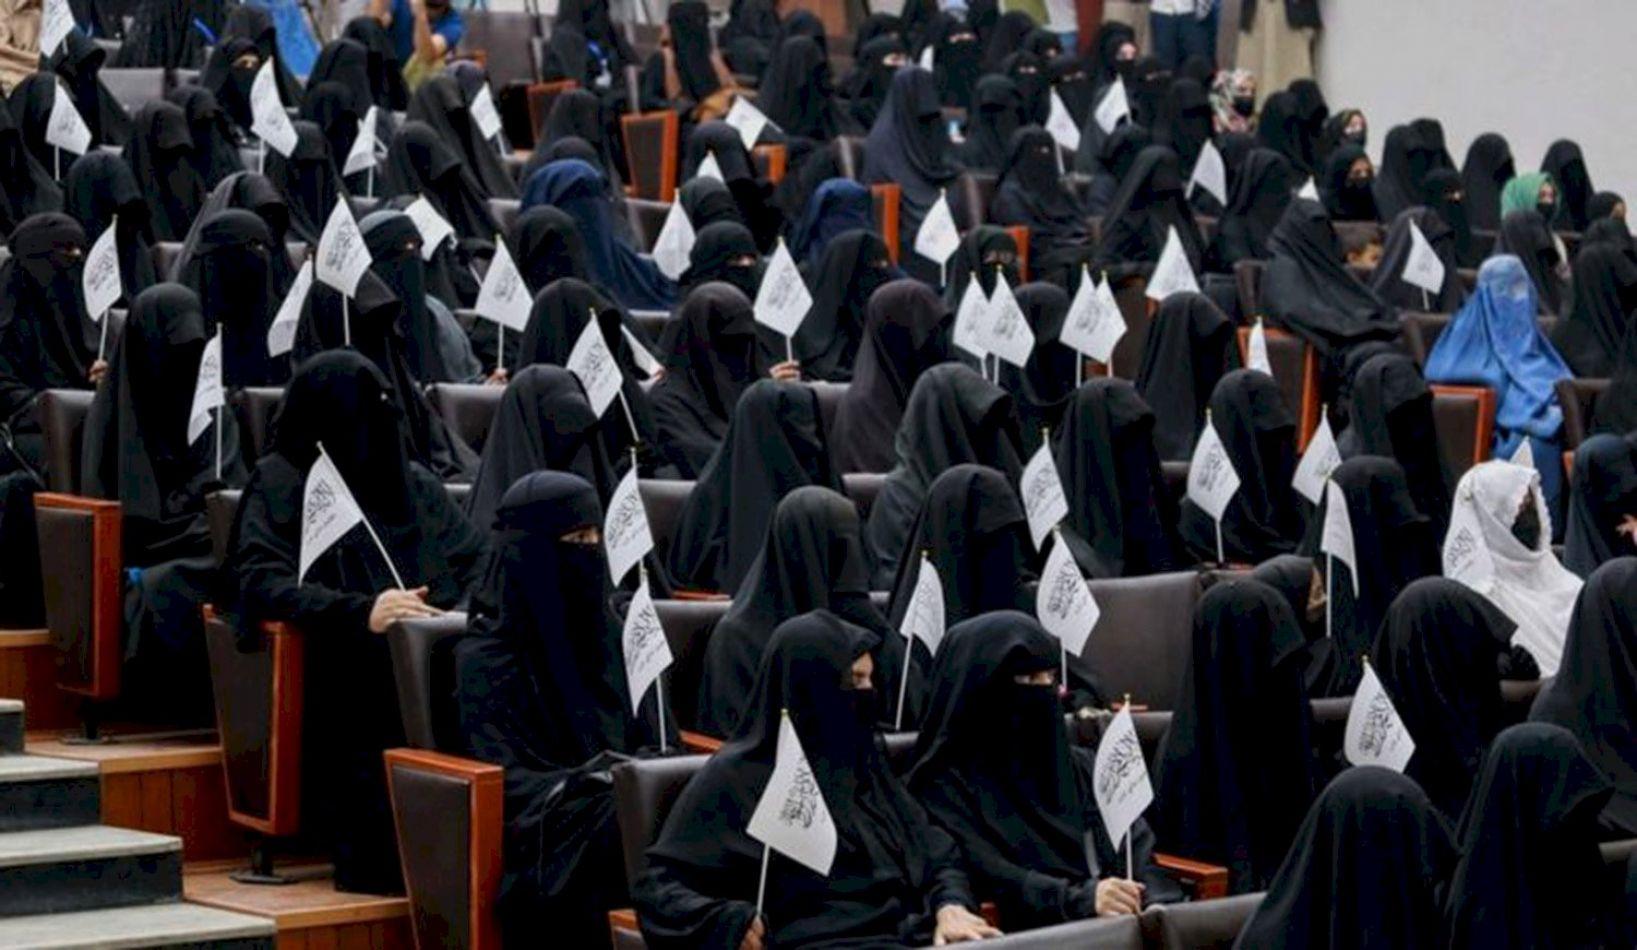 Los talibanes anunciaron nuevas reglas para las mujeres estudiantes